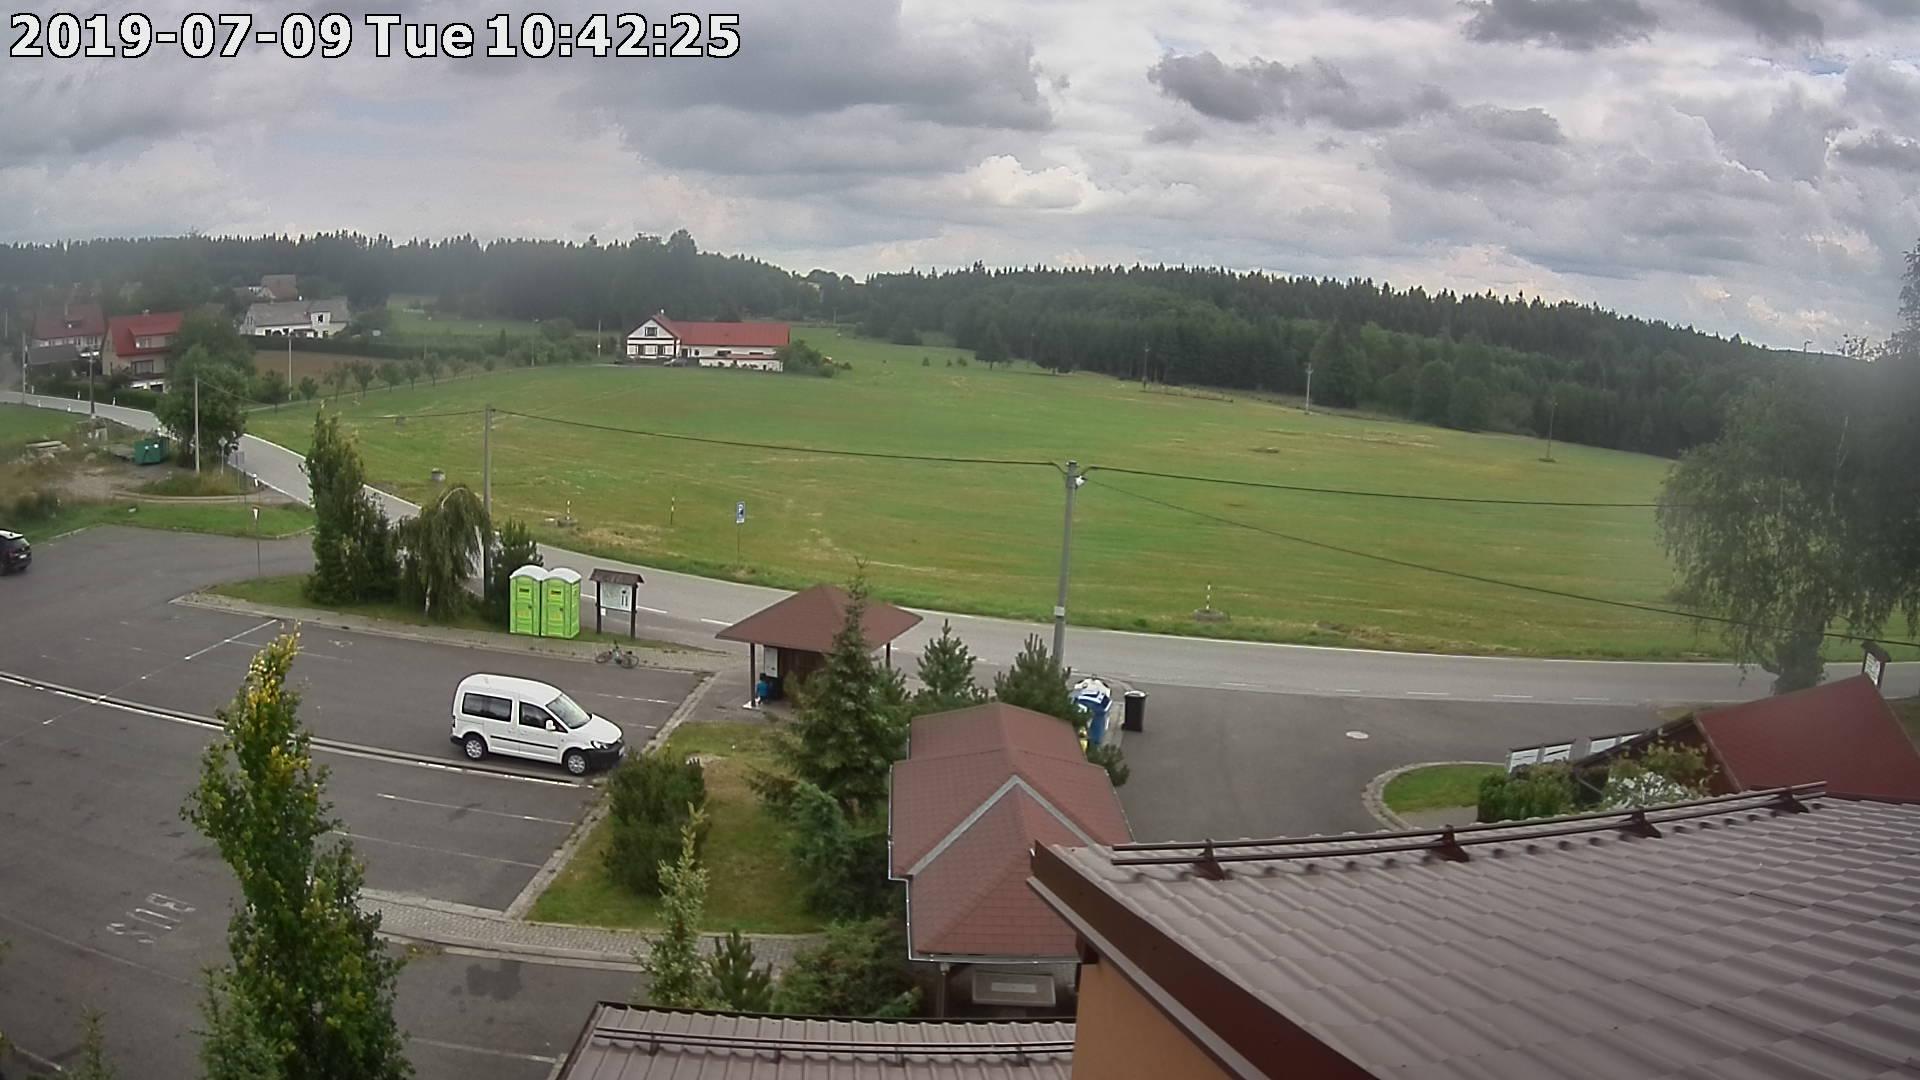 Webkamera ze dne 2019-07-09